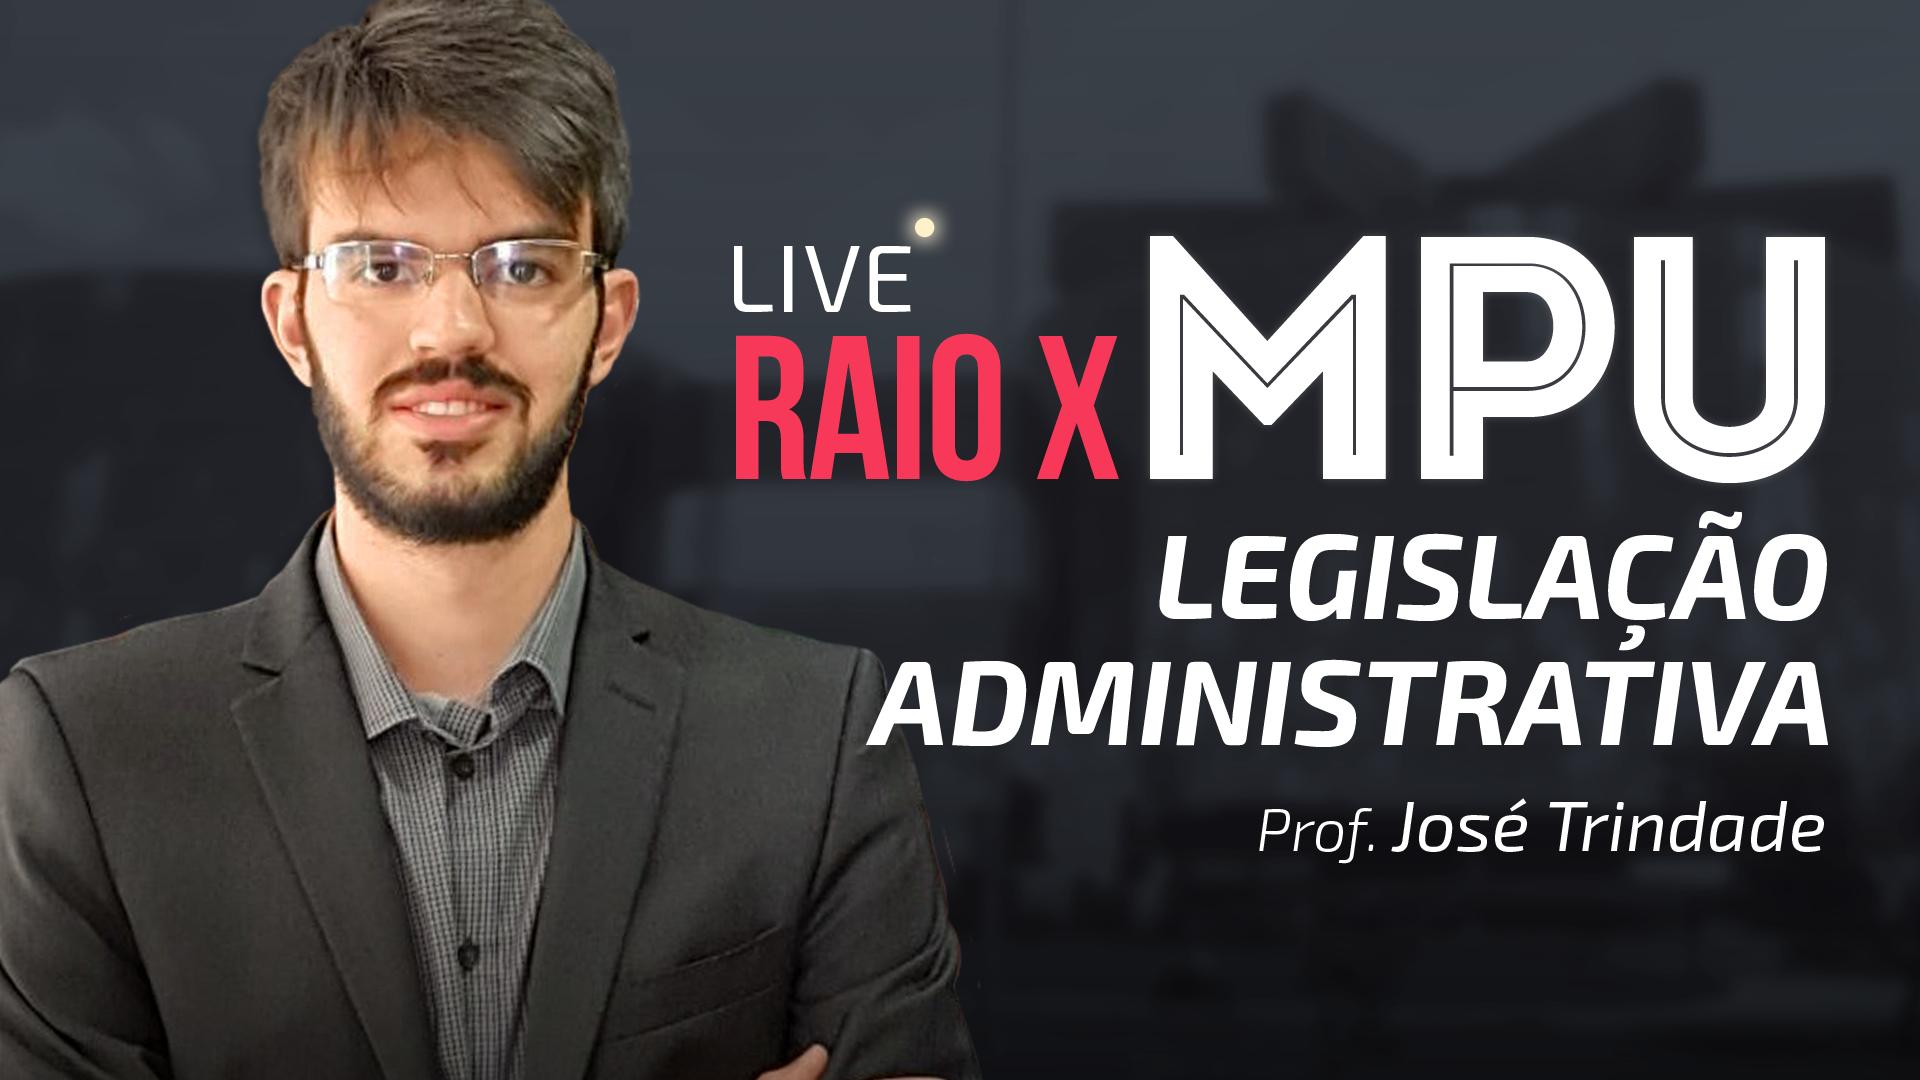 RAIO X MPU - Legislação Administrativa para Técnico e Analista